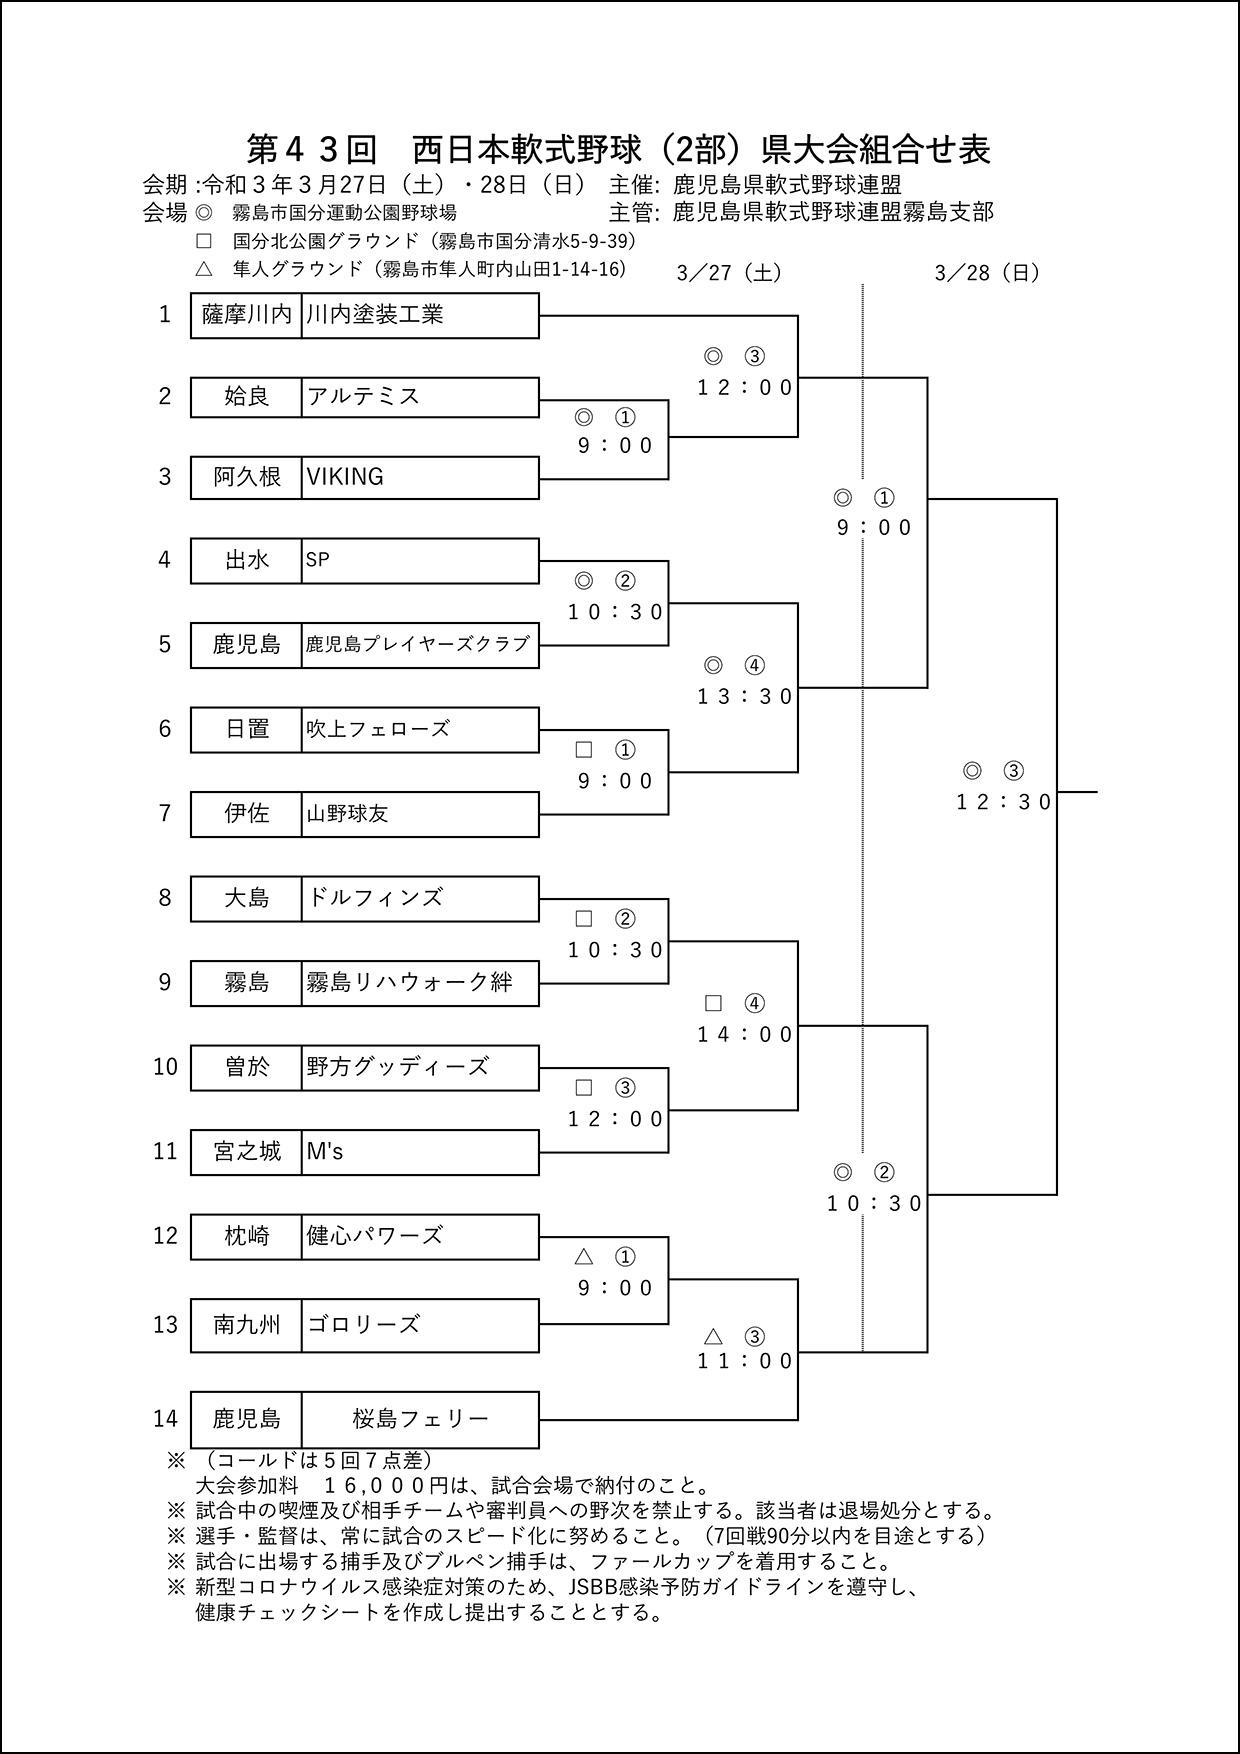 【組合せ】第43回 西日本軟式野球(2部)県大会